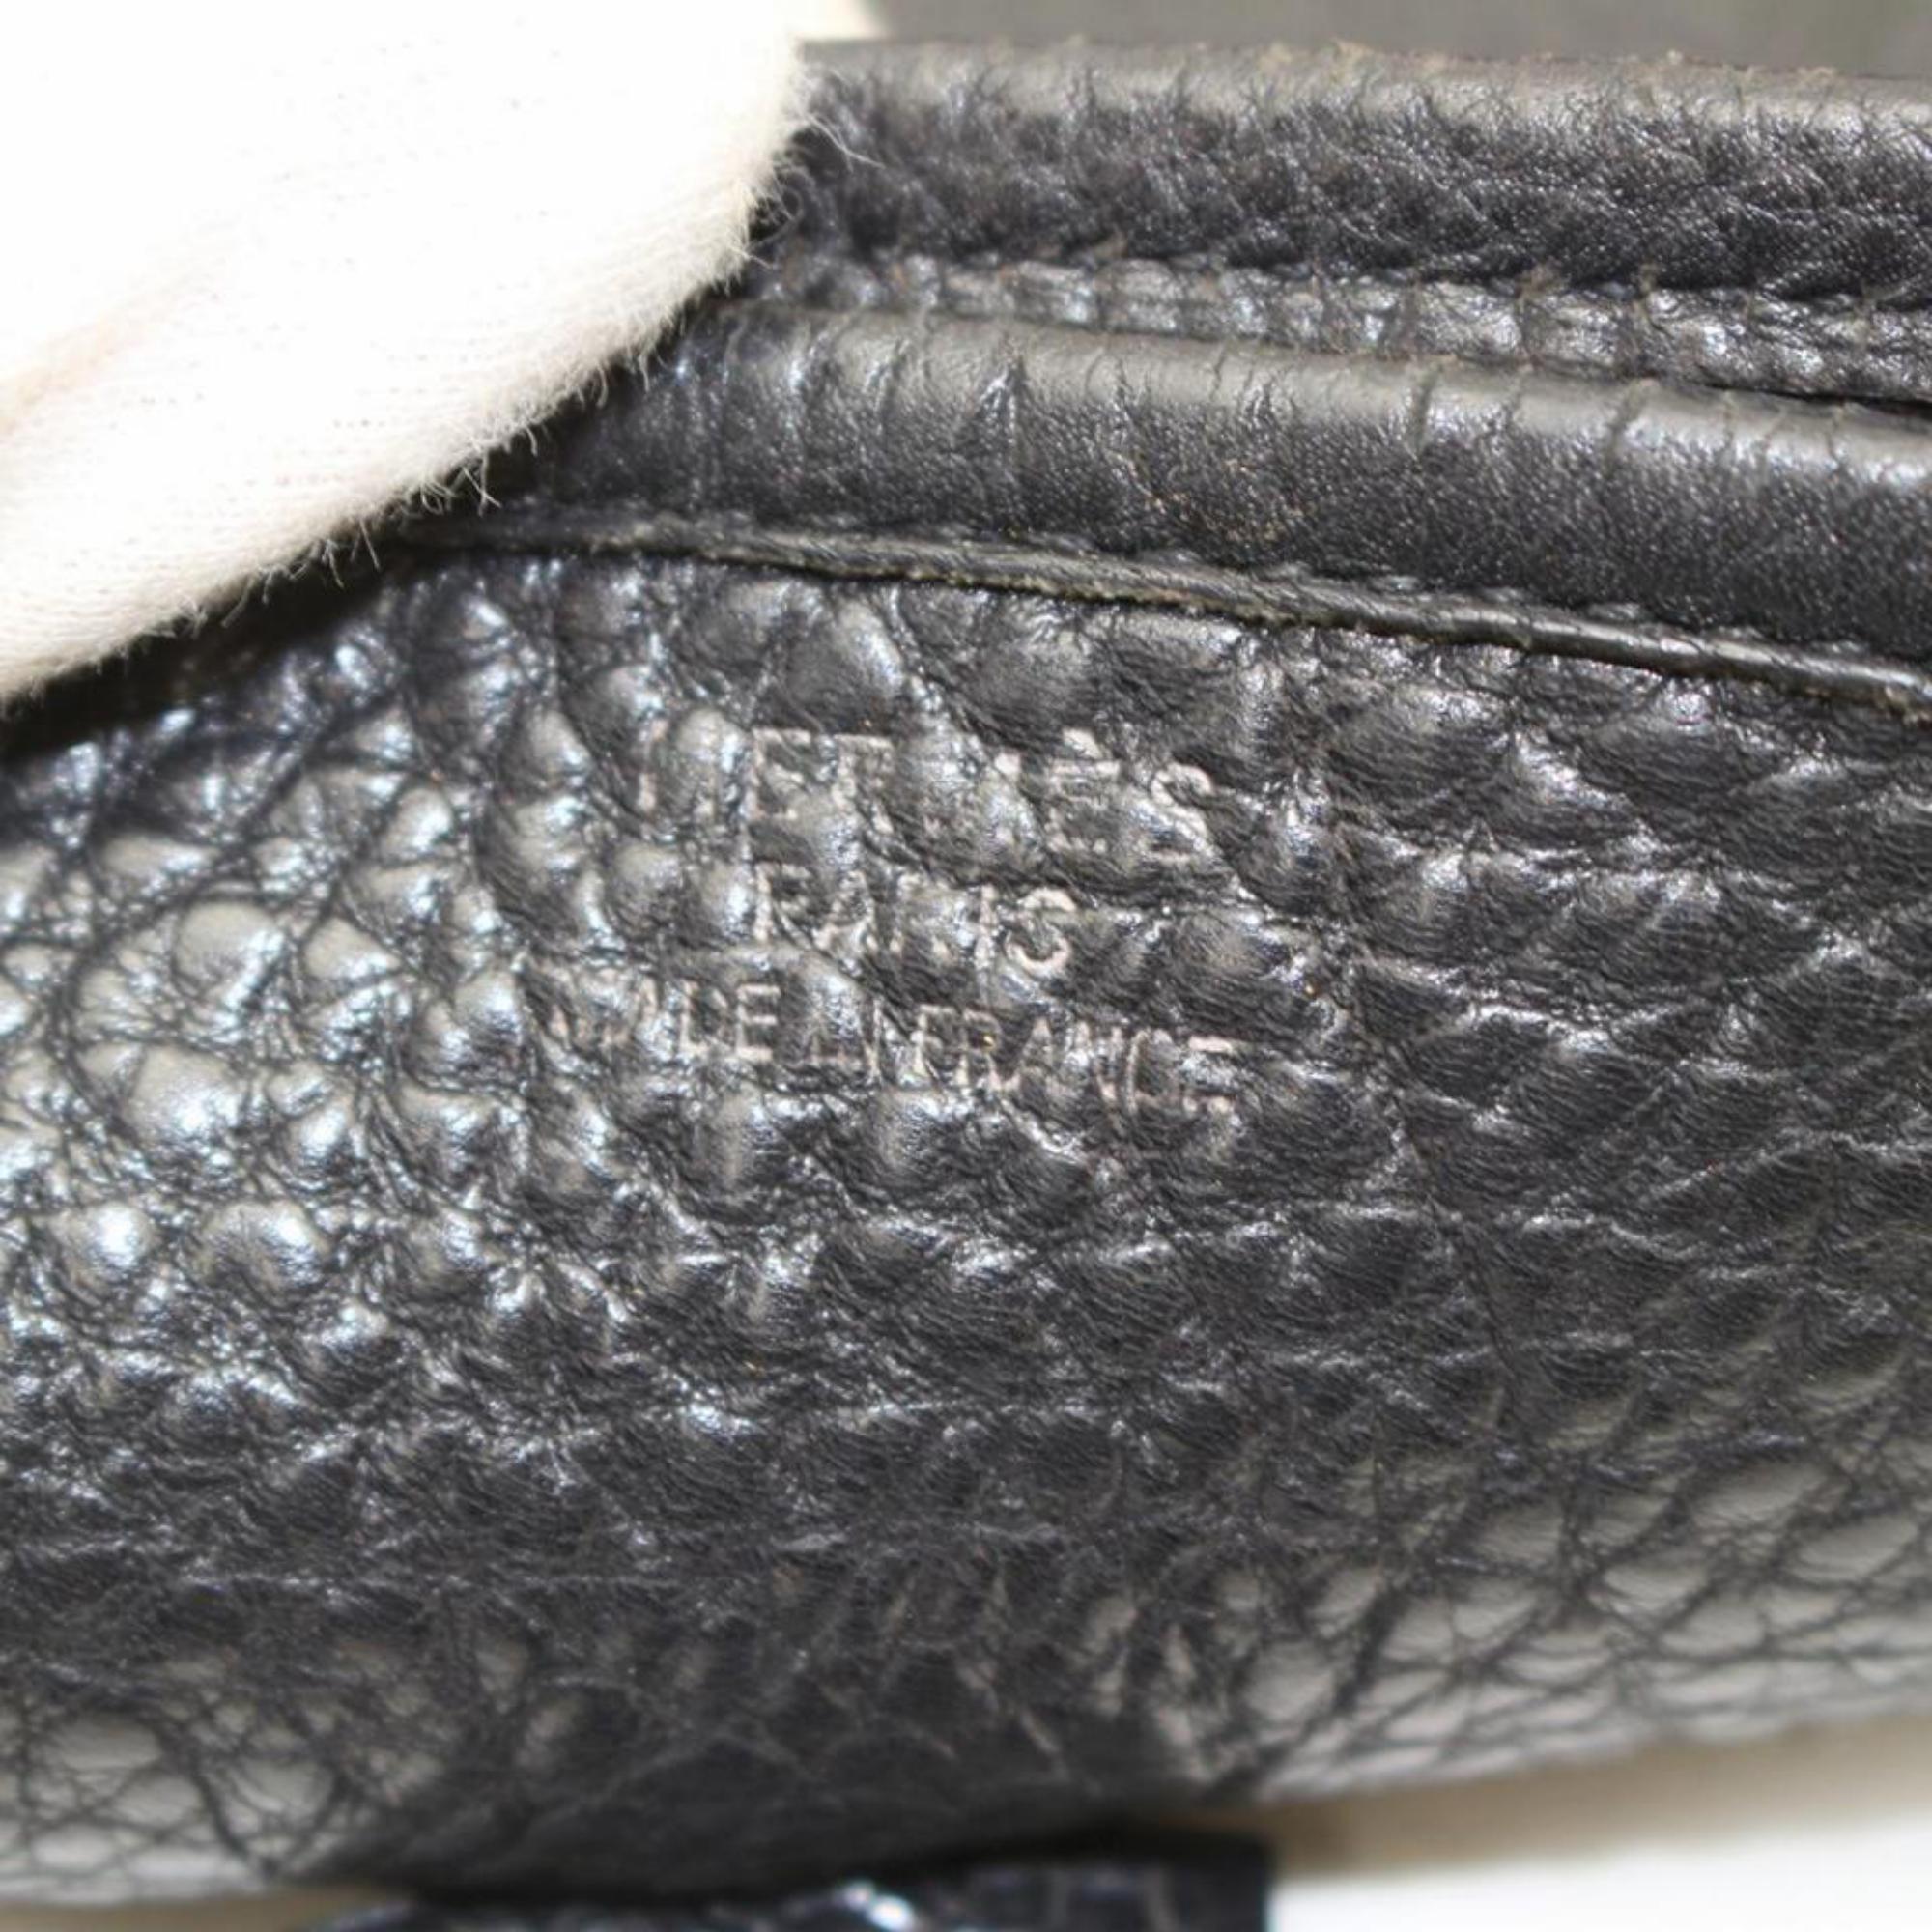 b9c3805a58a5 Hermès Evelyne 869060 Black Leather Messenger Bag at 1stdibs